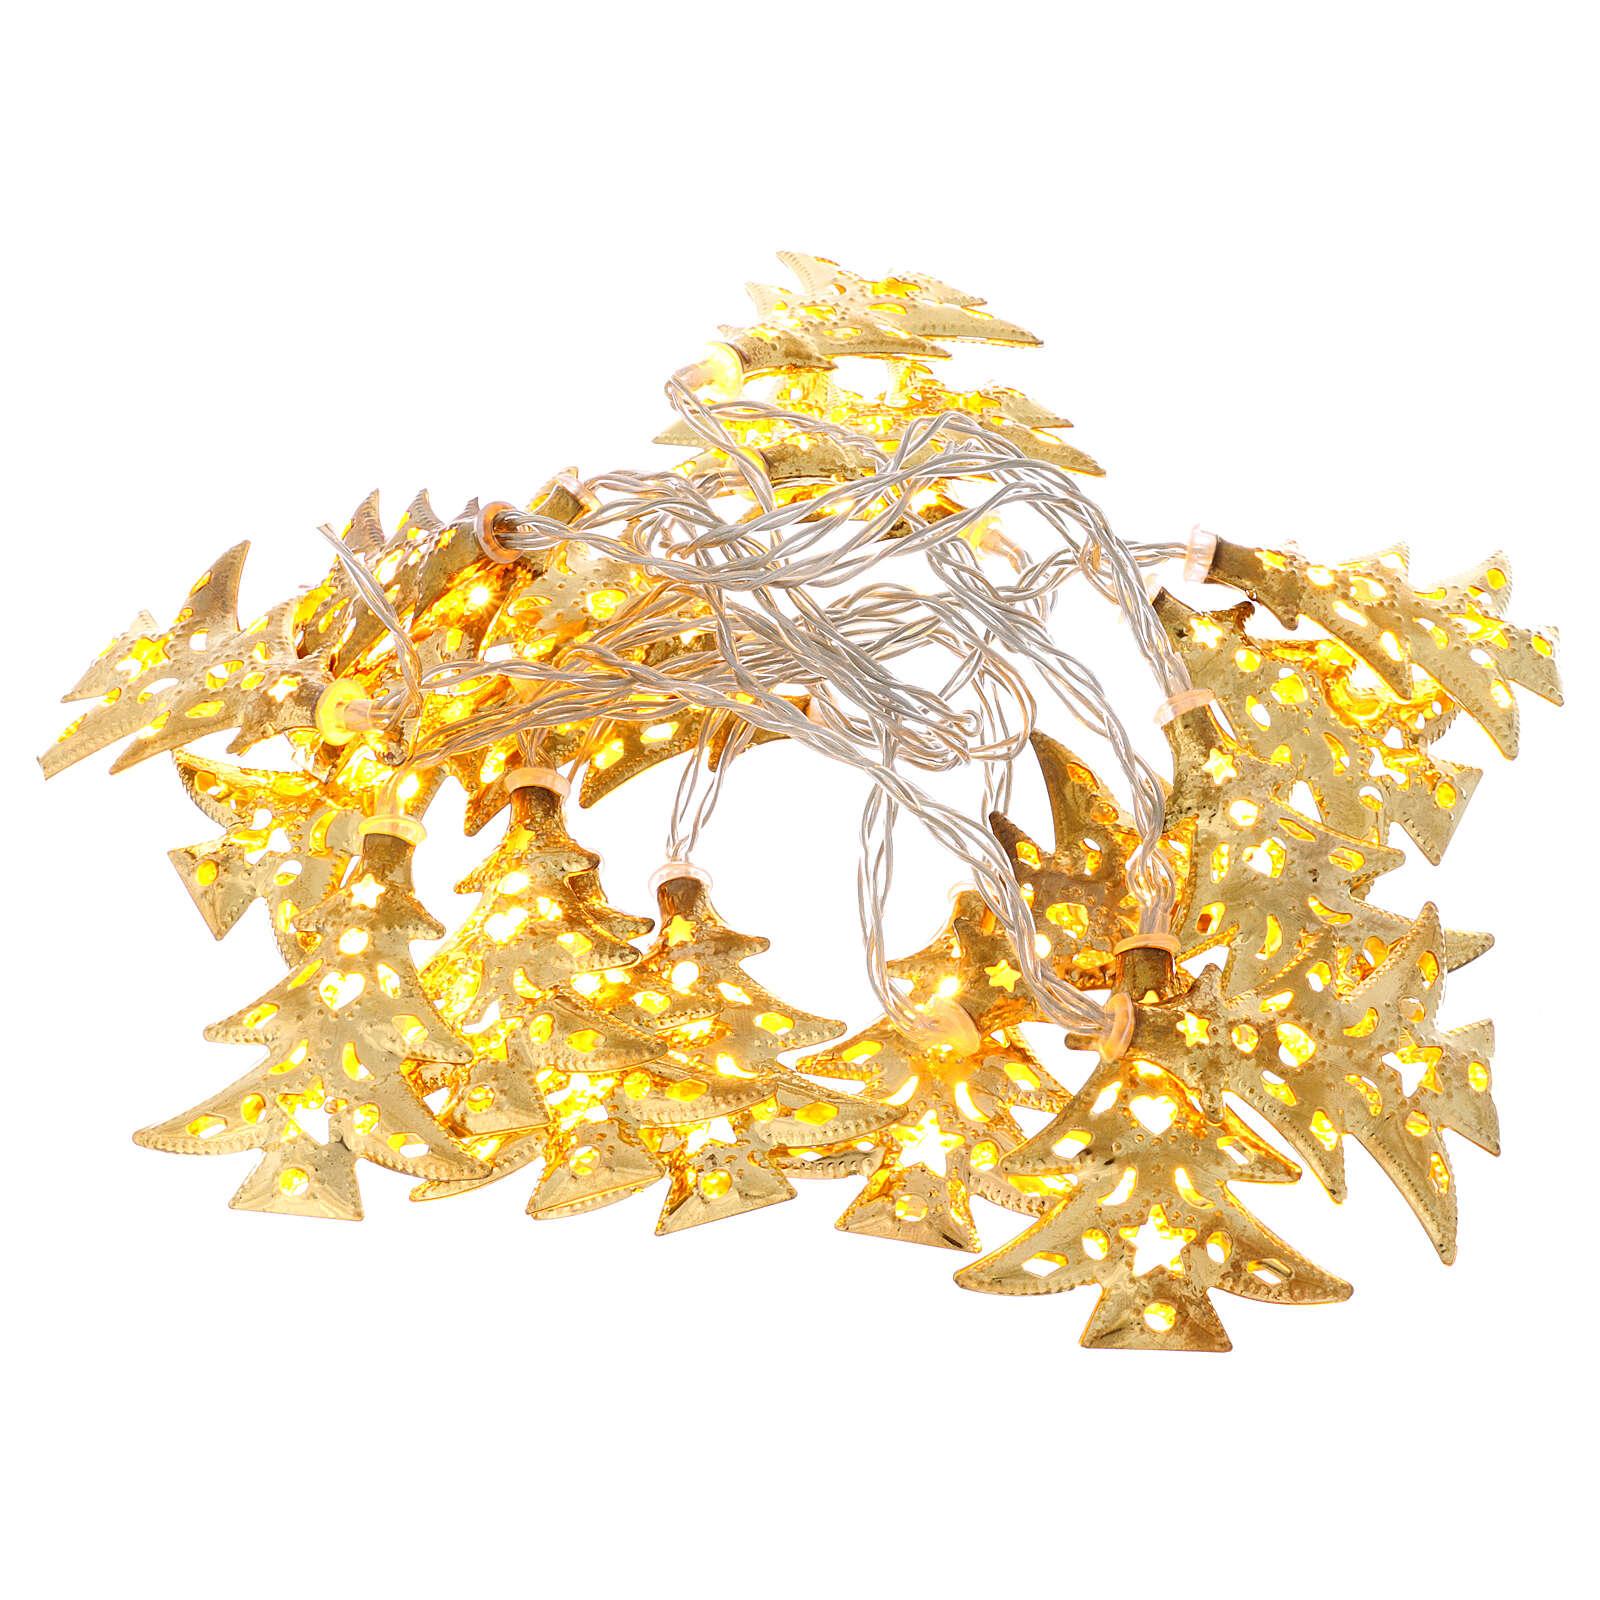 Weihnachtslichter 20 goldenfarbig Leds Tannenbaum Form 3